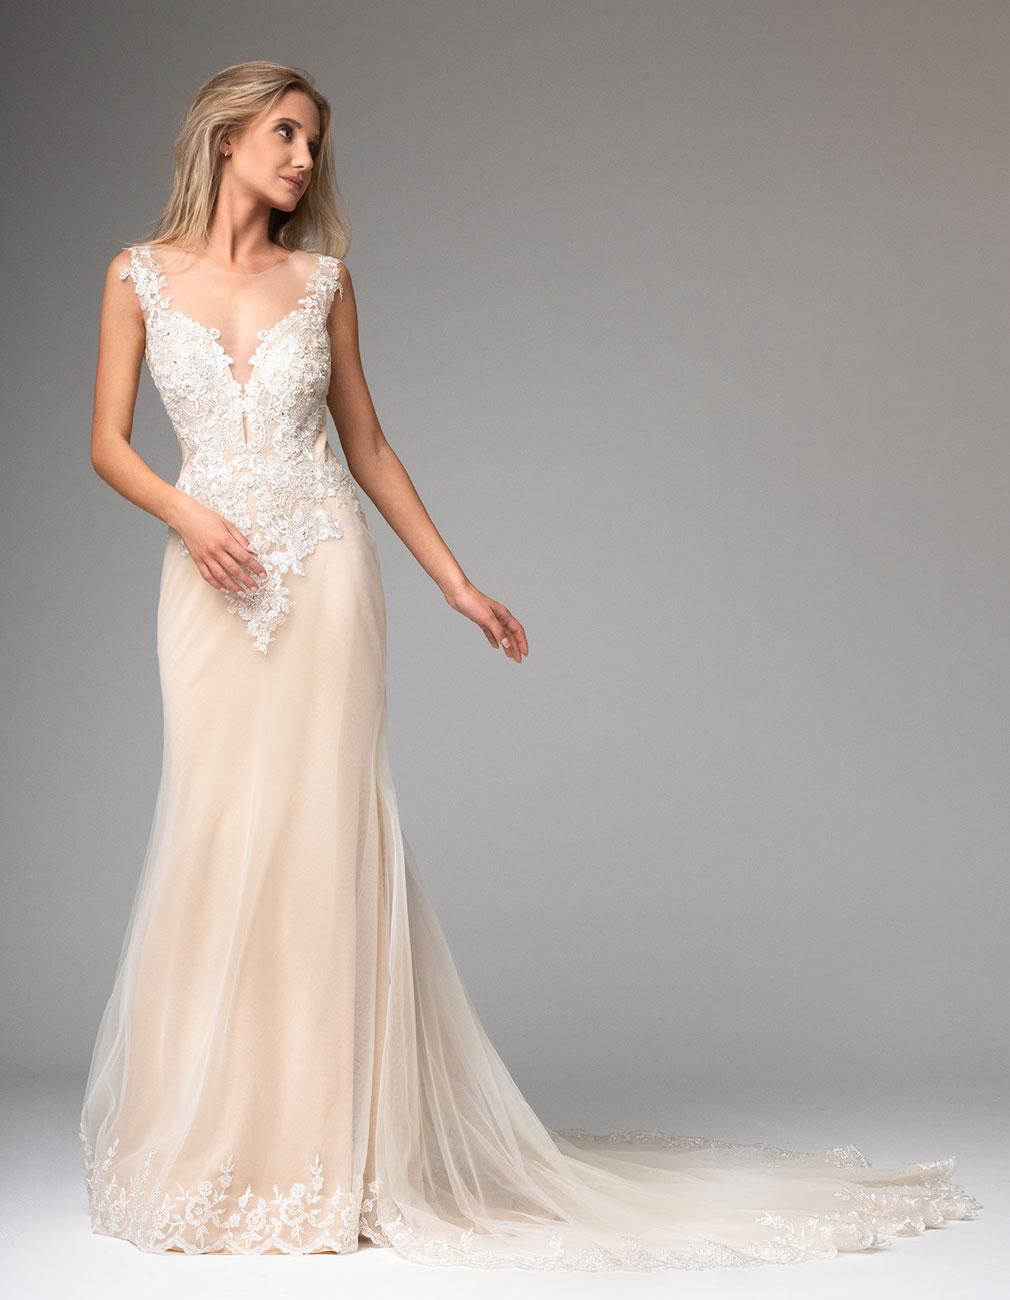 Blush Brautkleid aus Vintage Spitze - Kleiderfreuden